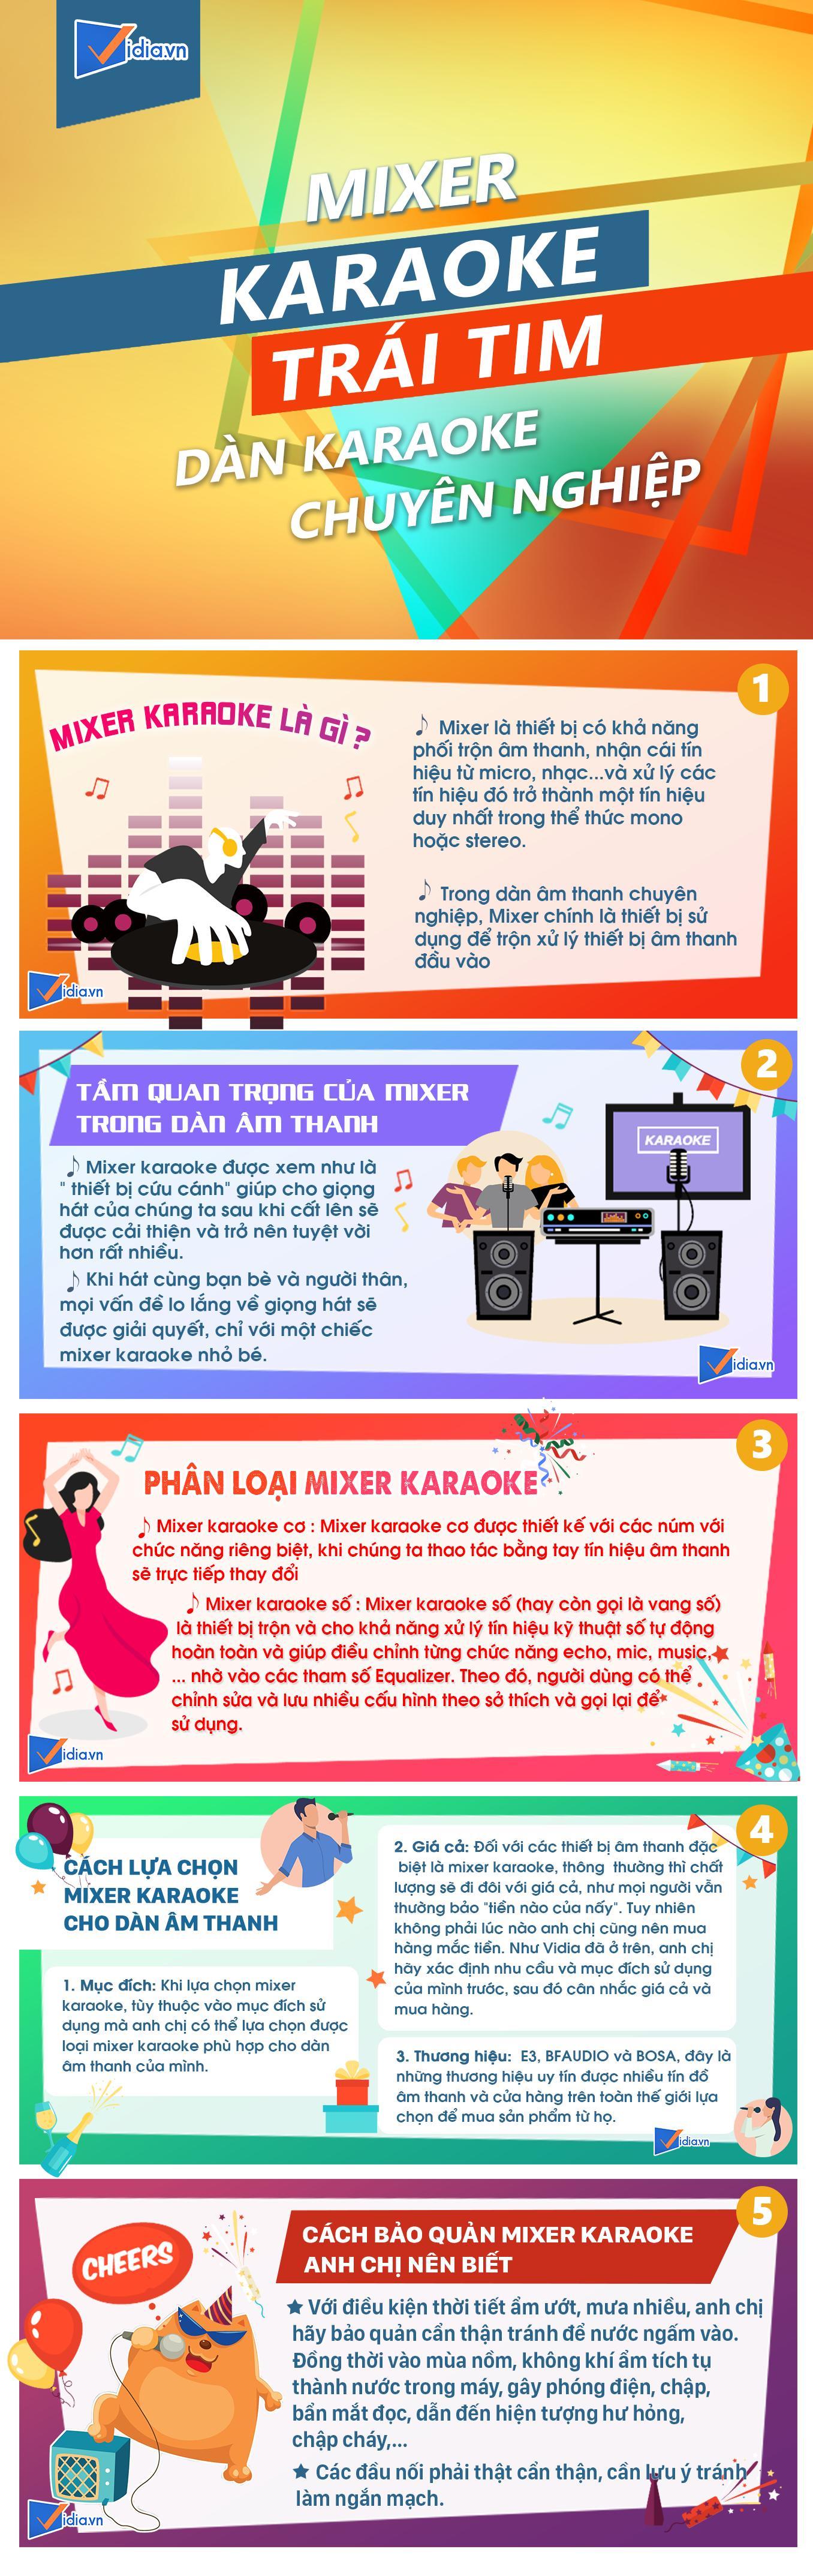 mixer-karaoke-va-tat-ca-nhung-dieu-can-biet